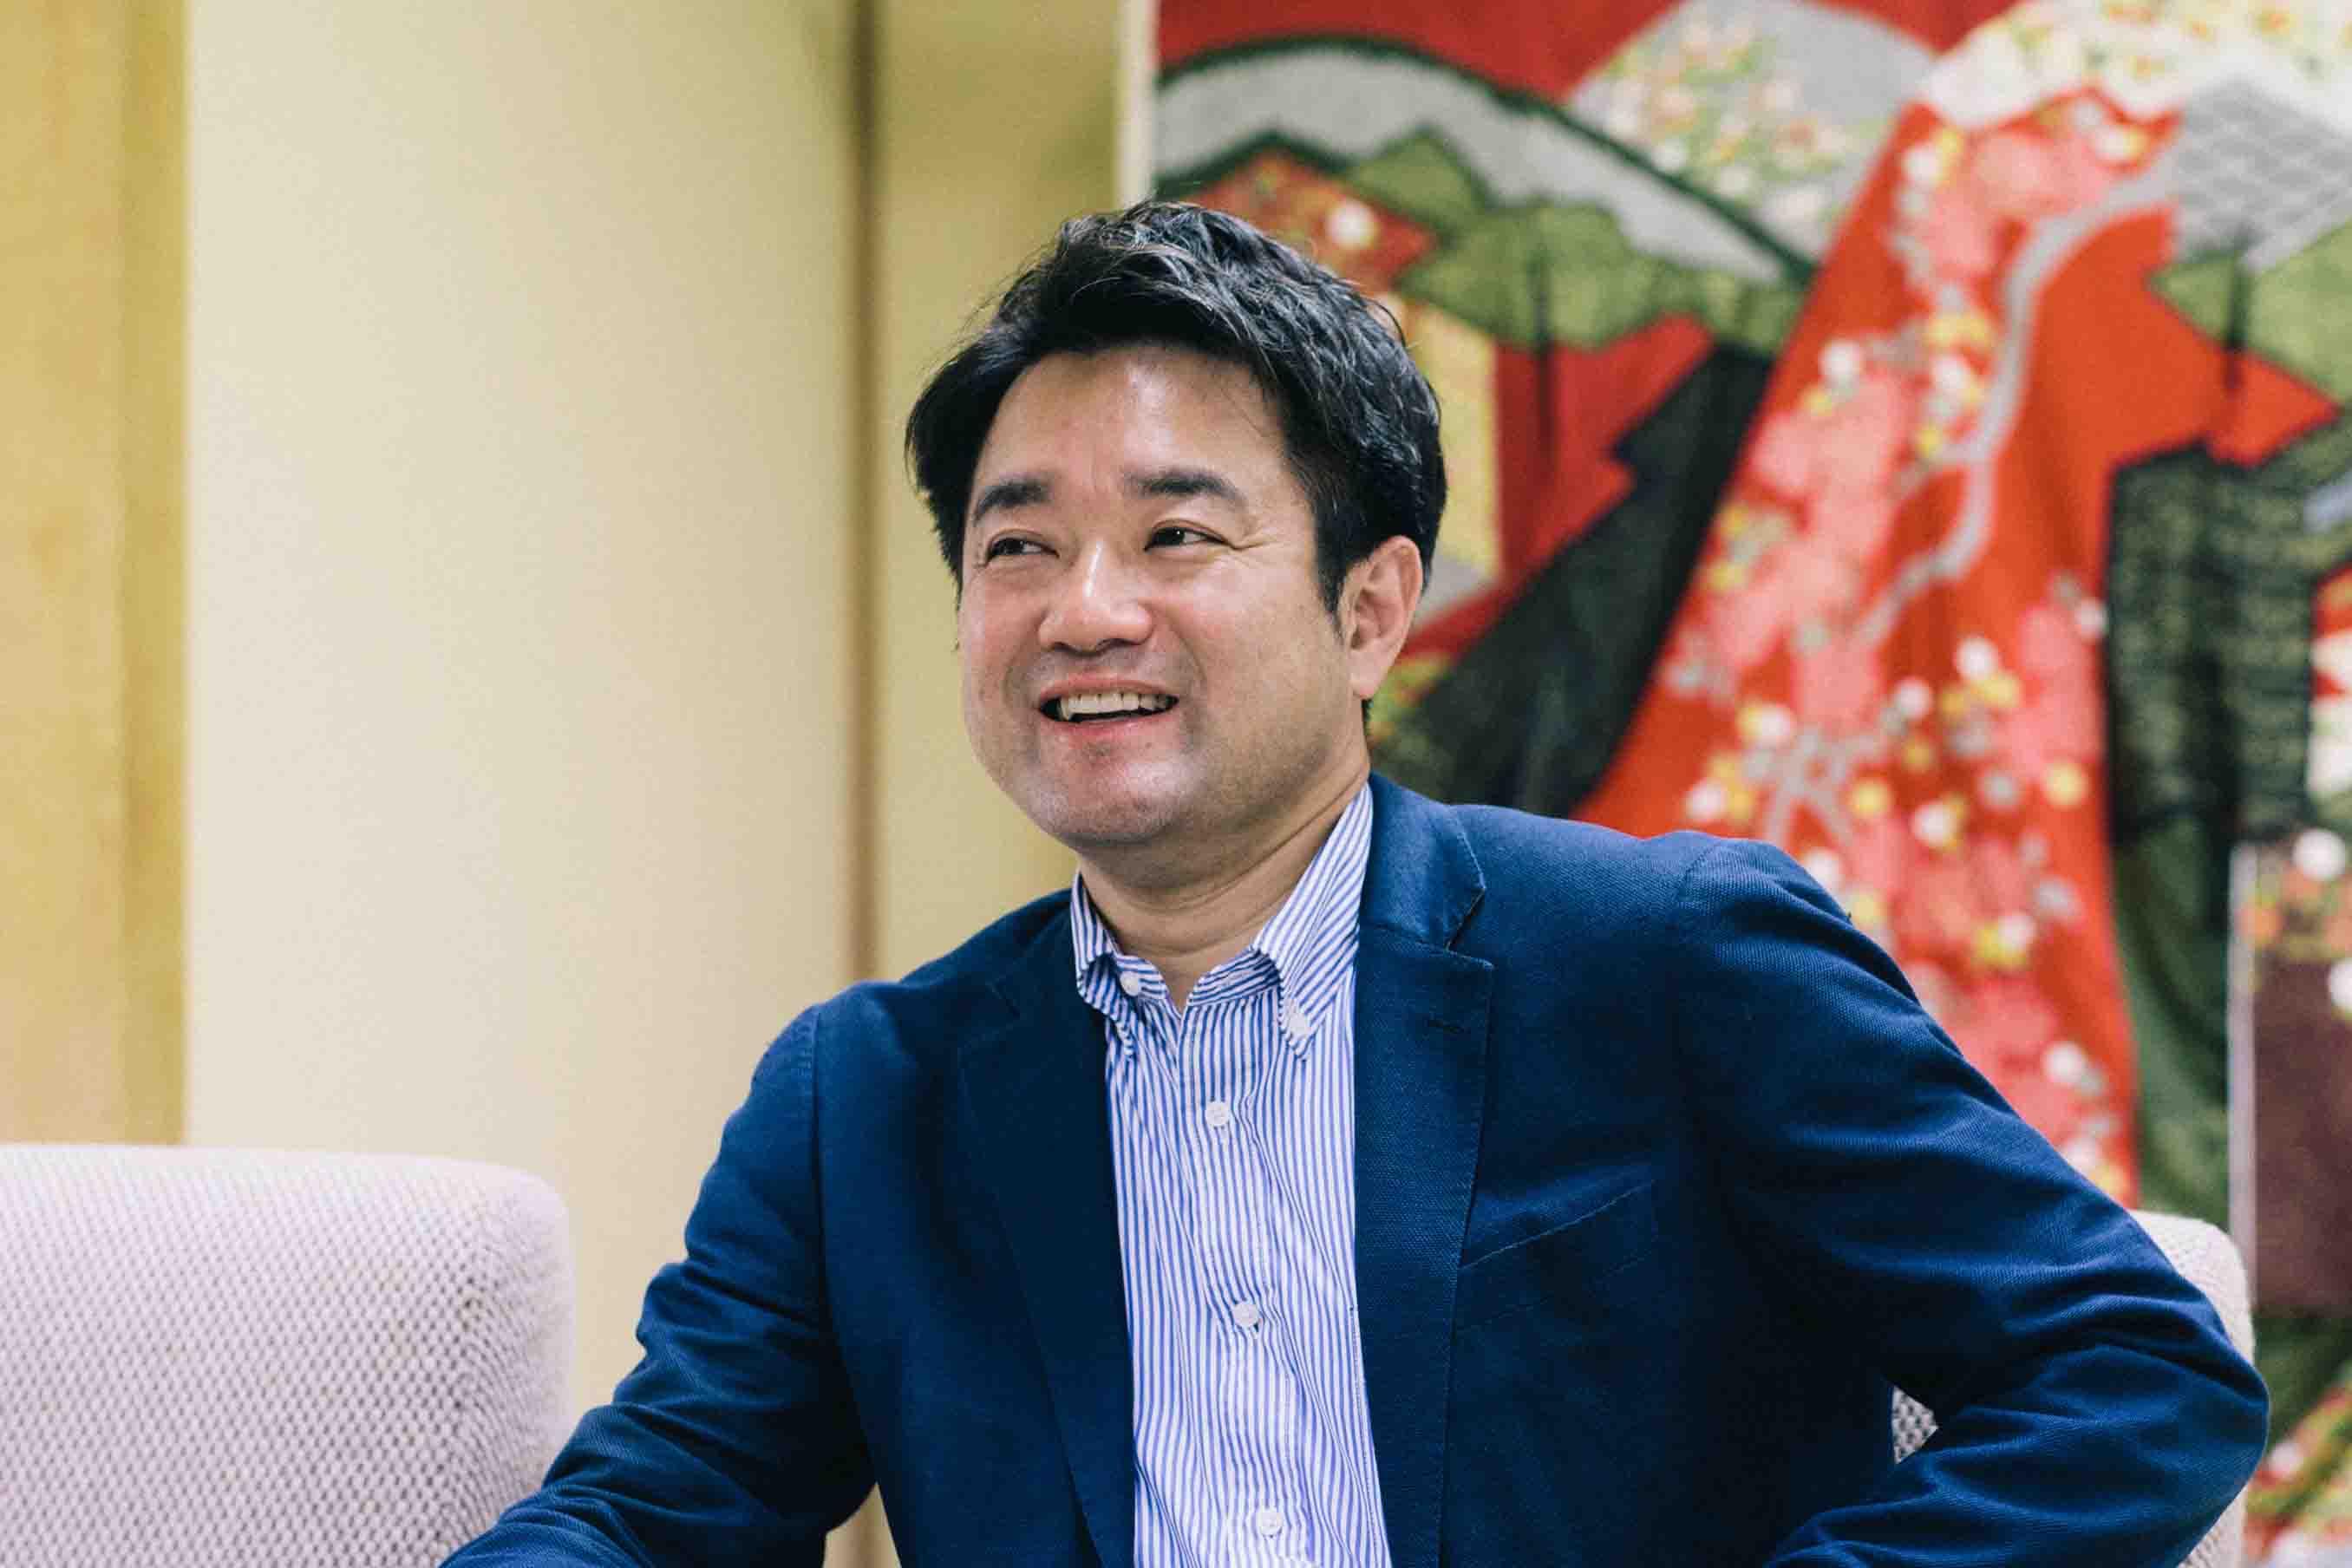 株式会社青柳の代表取締役専務 青柳蔵人 (あおやぎ くらんど) さん